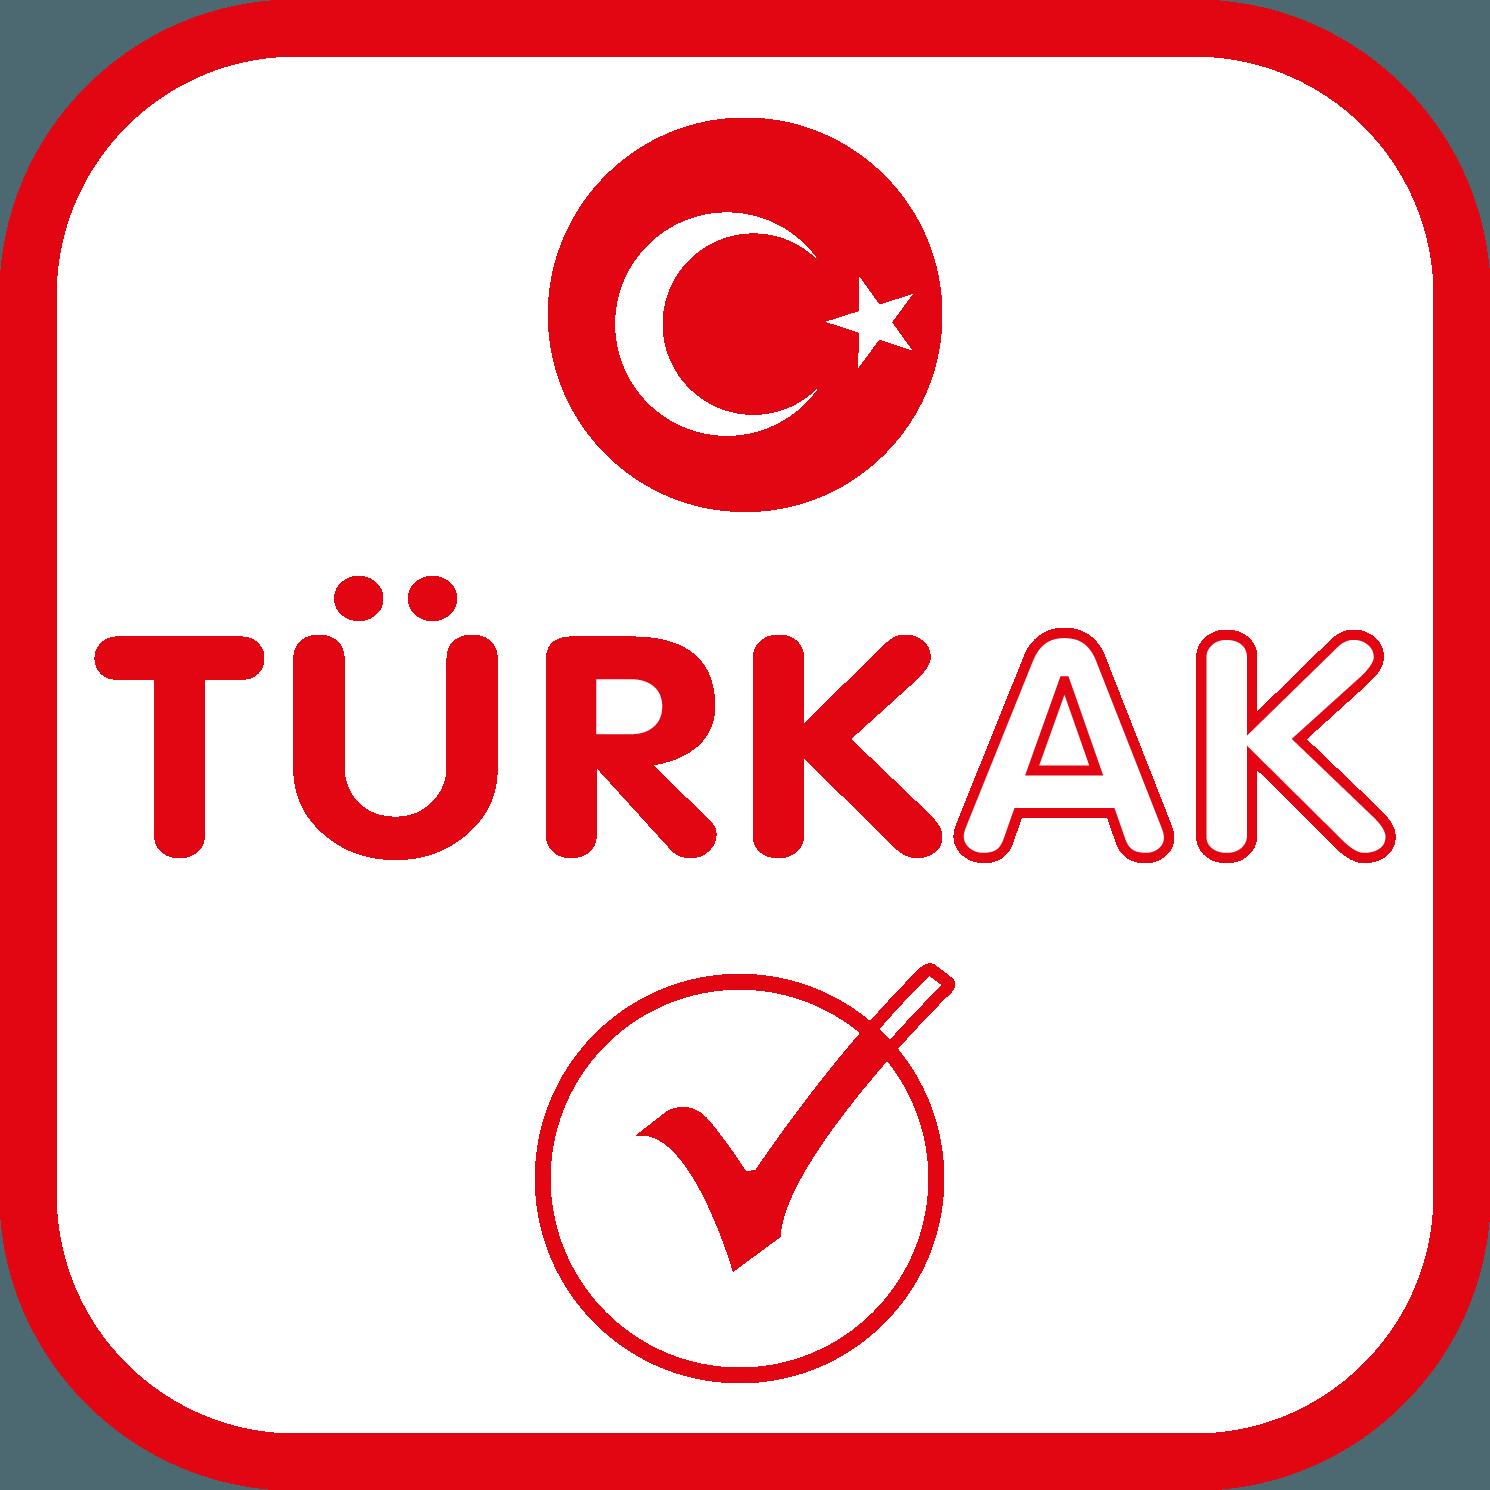 TÜRKAK Logo   Türk Akreditasyon Kurumu [turkak.org.tr] png